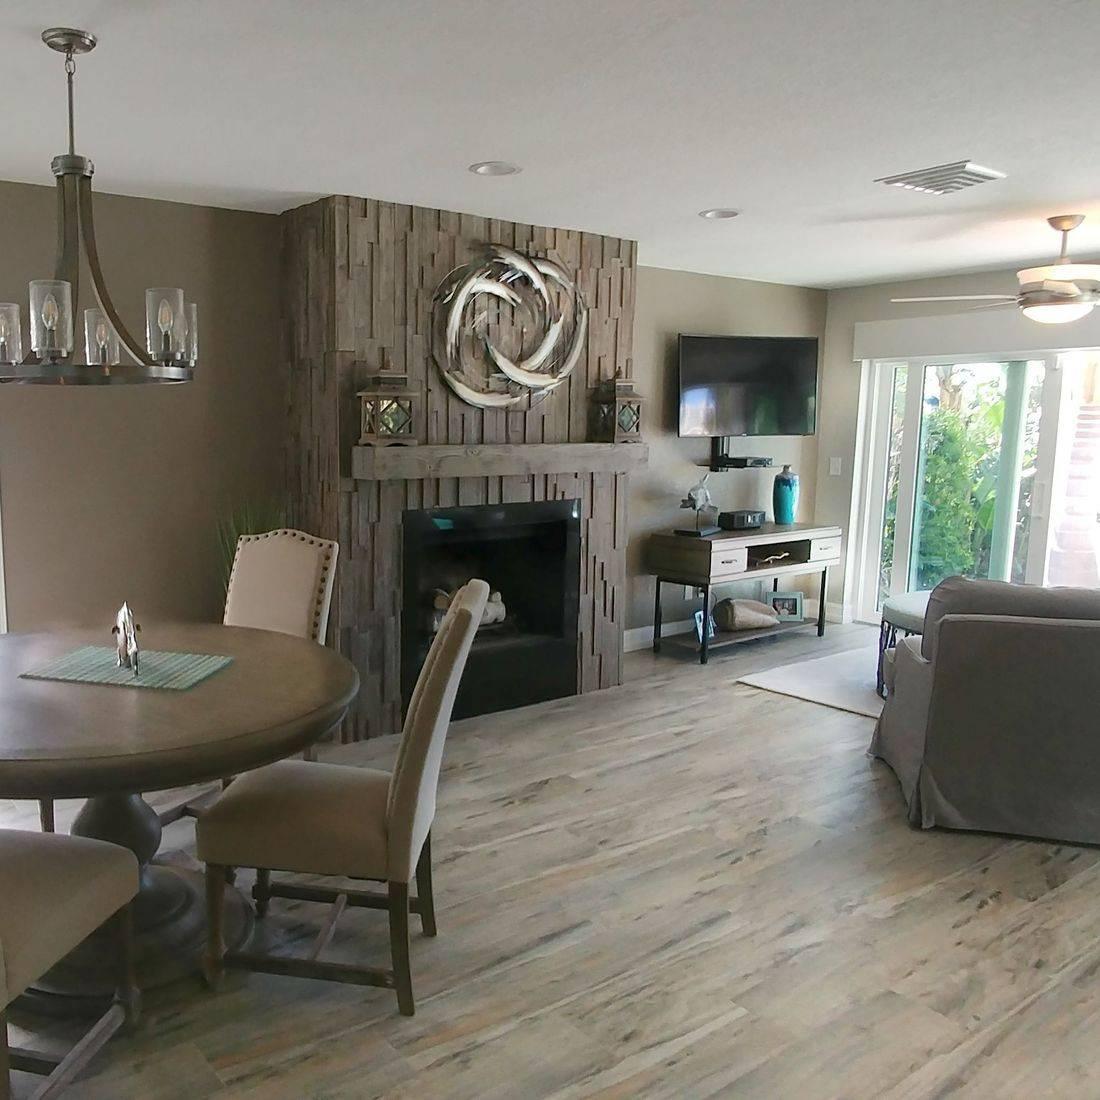 Vanguard Furniture Dealer, Riverside Furniture Dealer